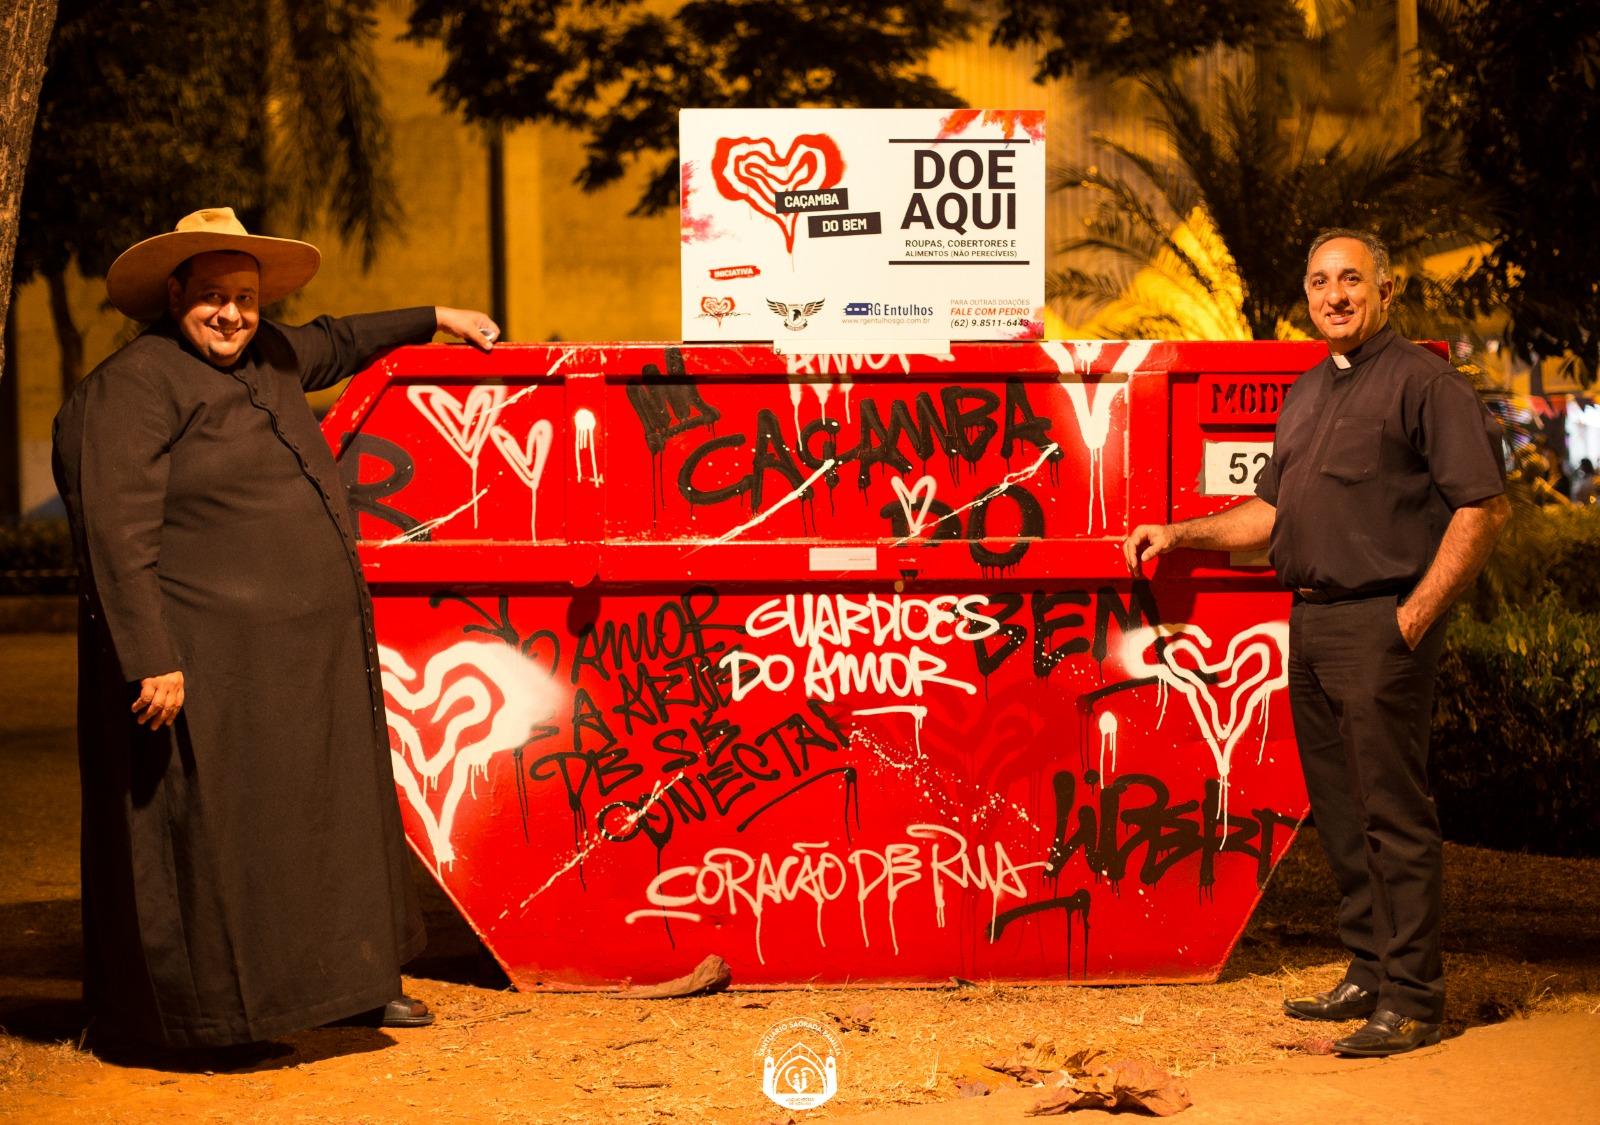 Homero organiza campanha de doação pelas ruas de Goiânia